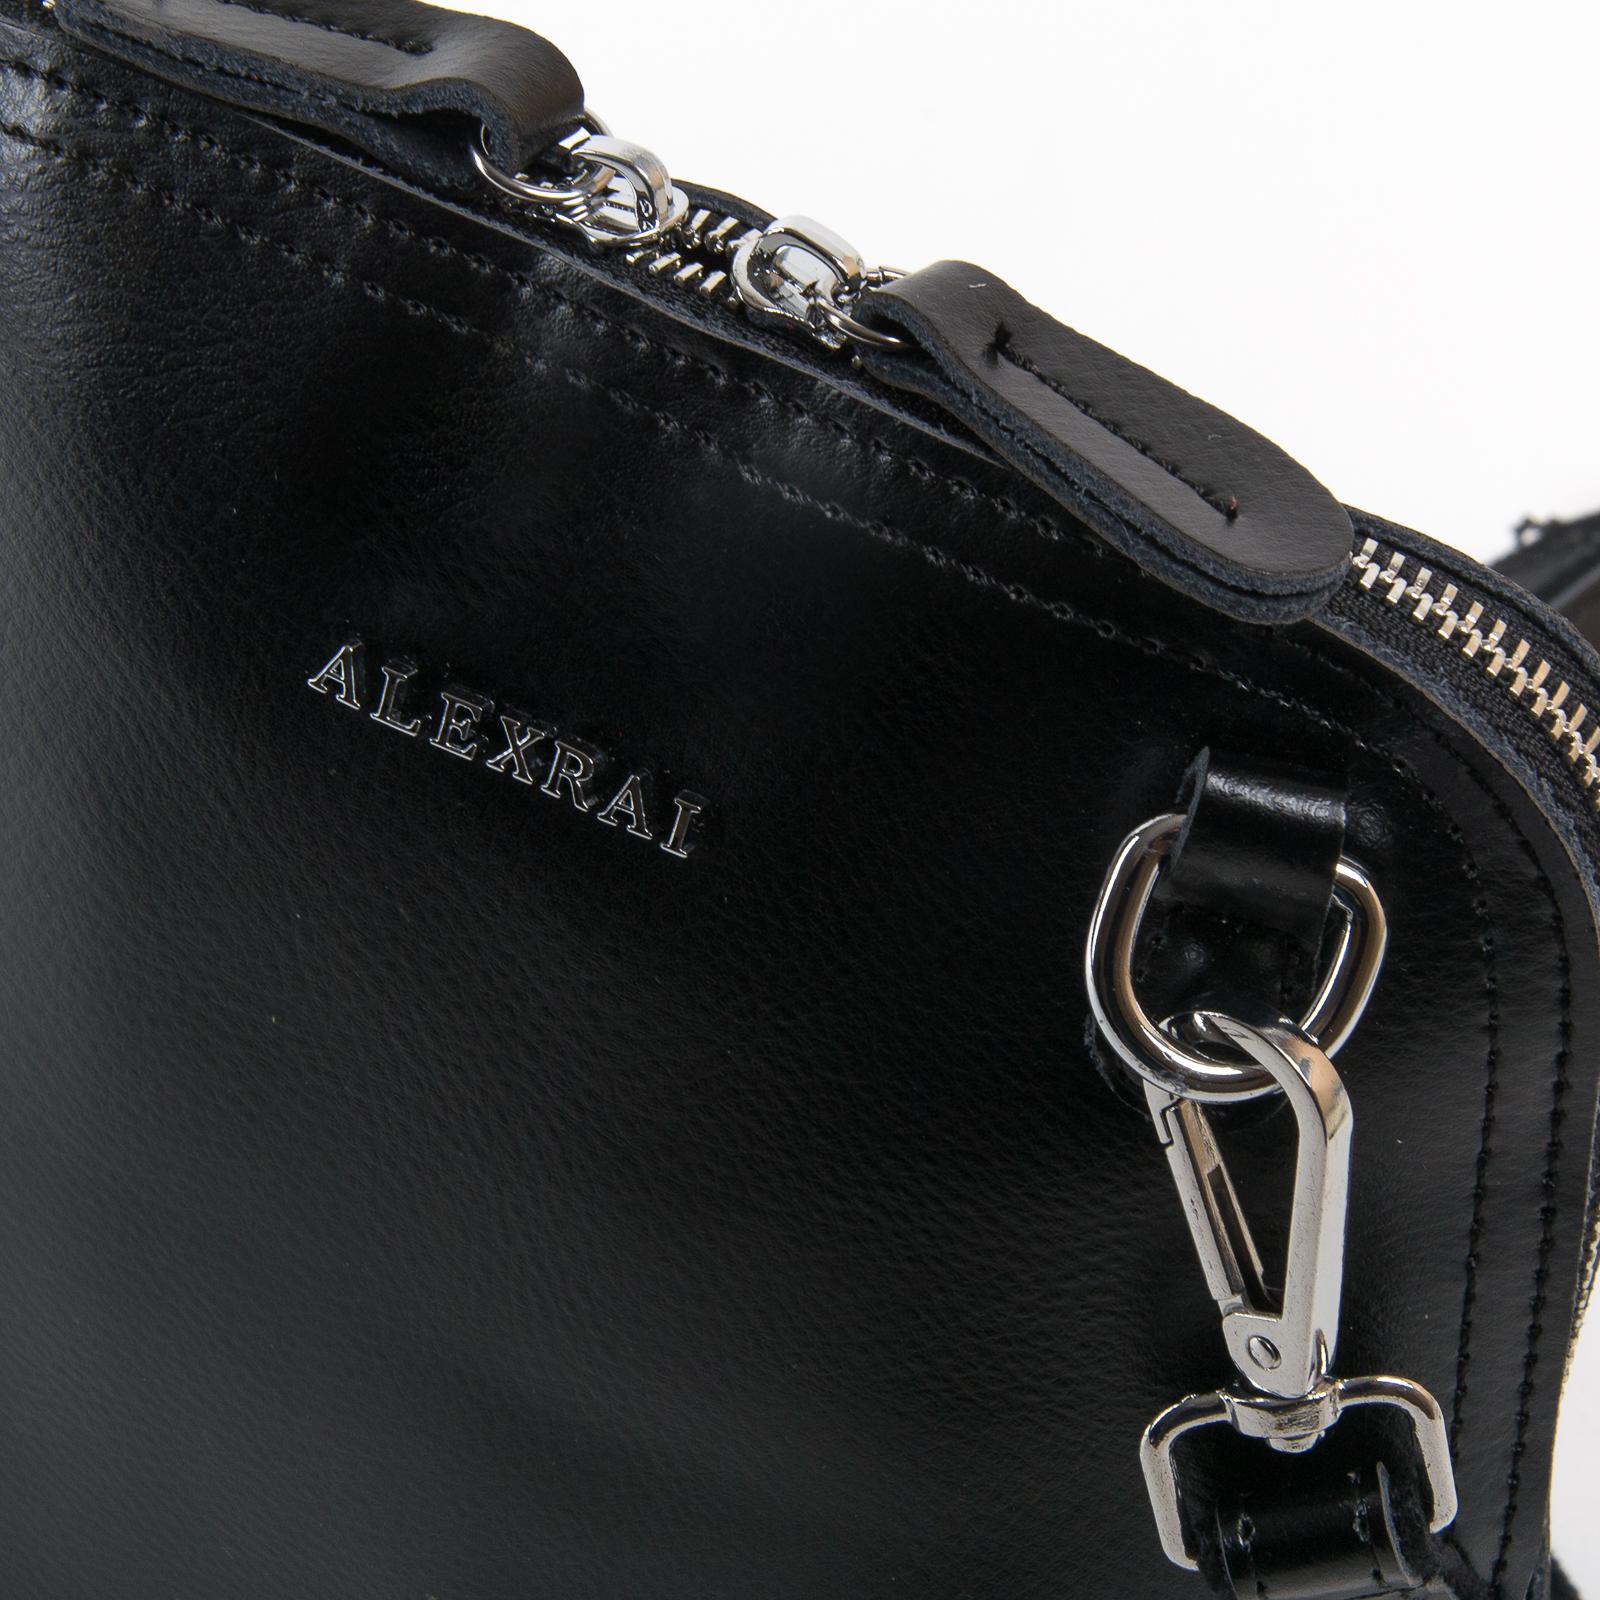 Сумка Женская Классическая кожа ALEX RAI 03-01 8803 black - фото 3